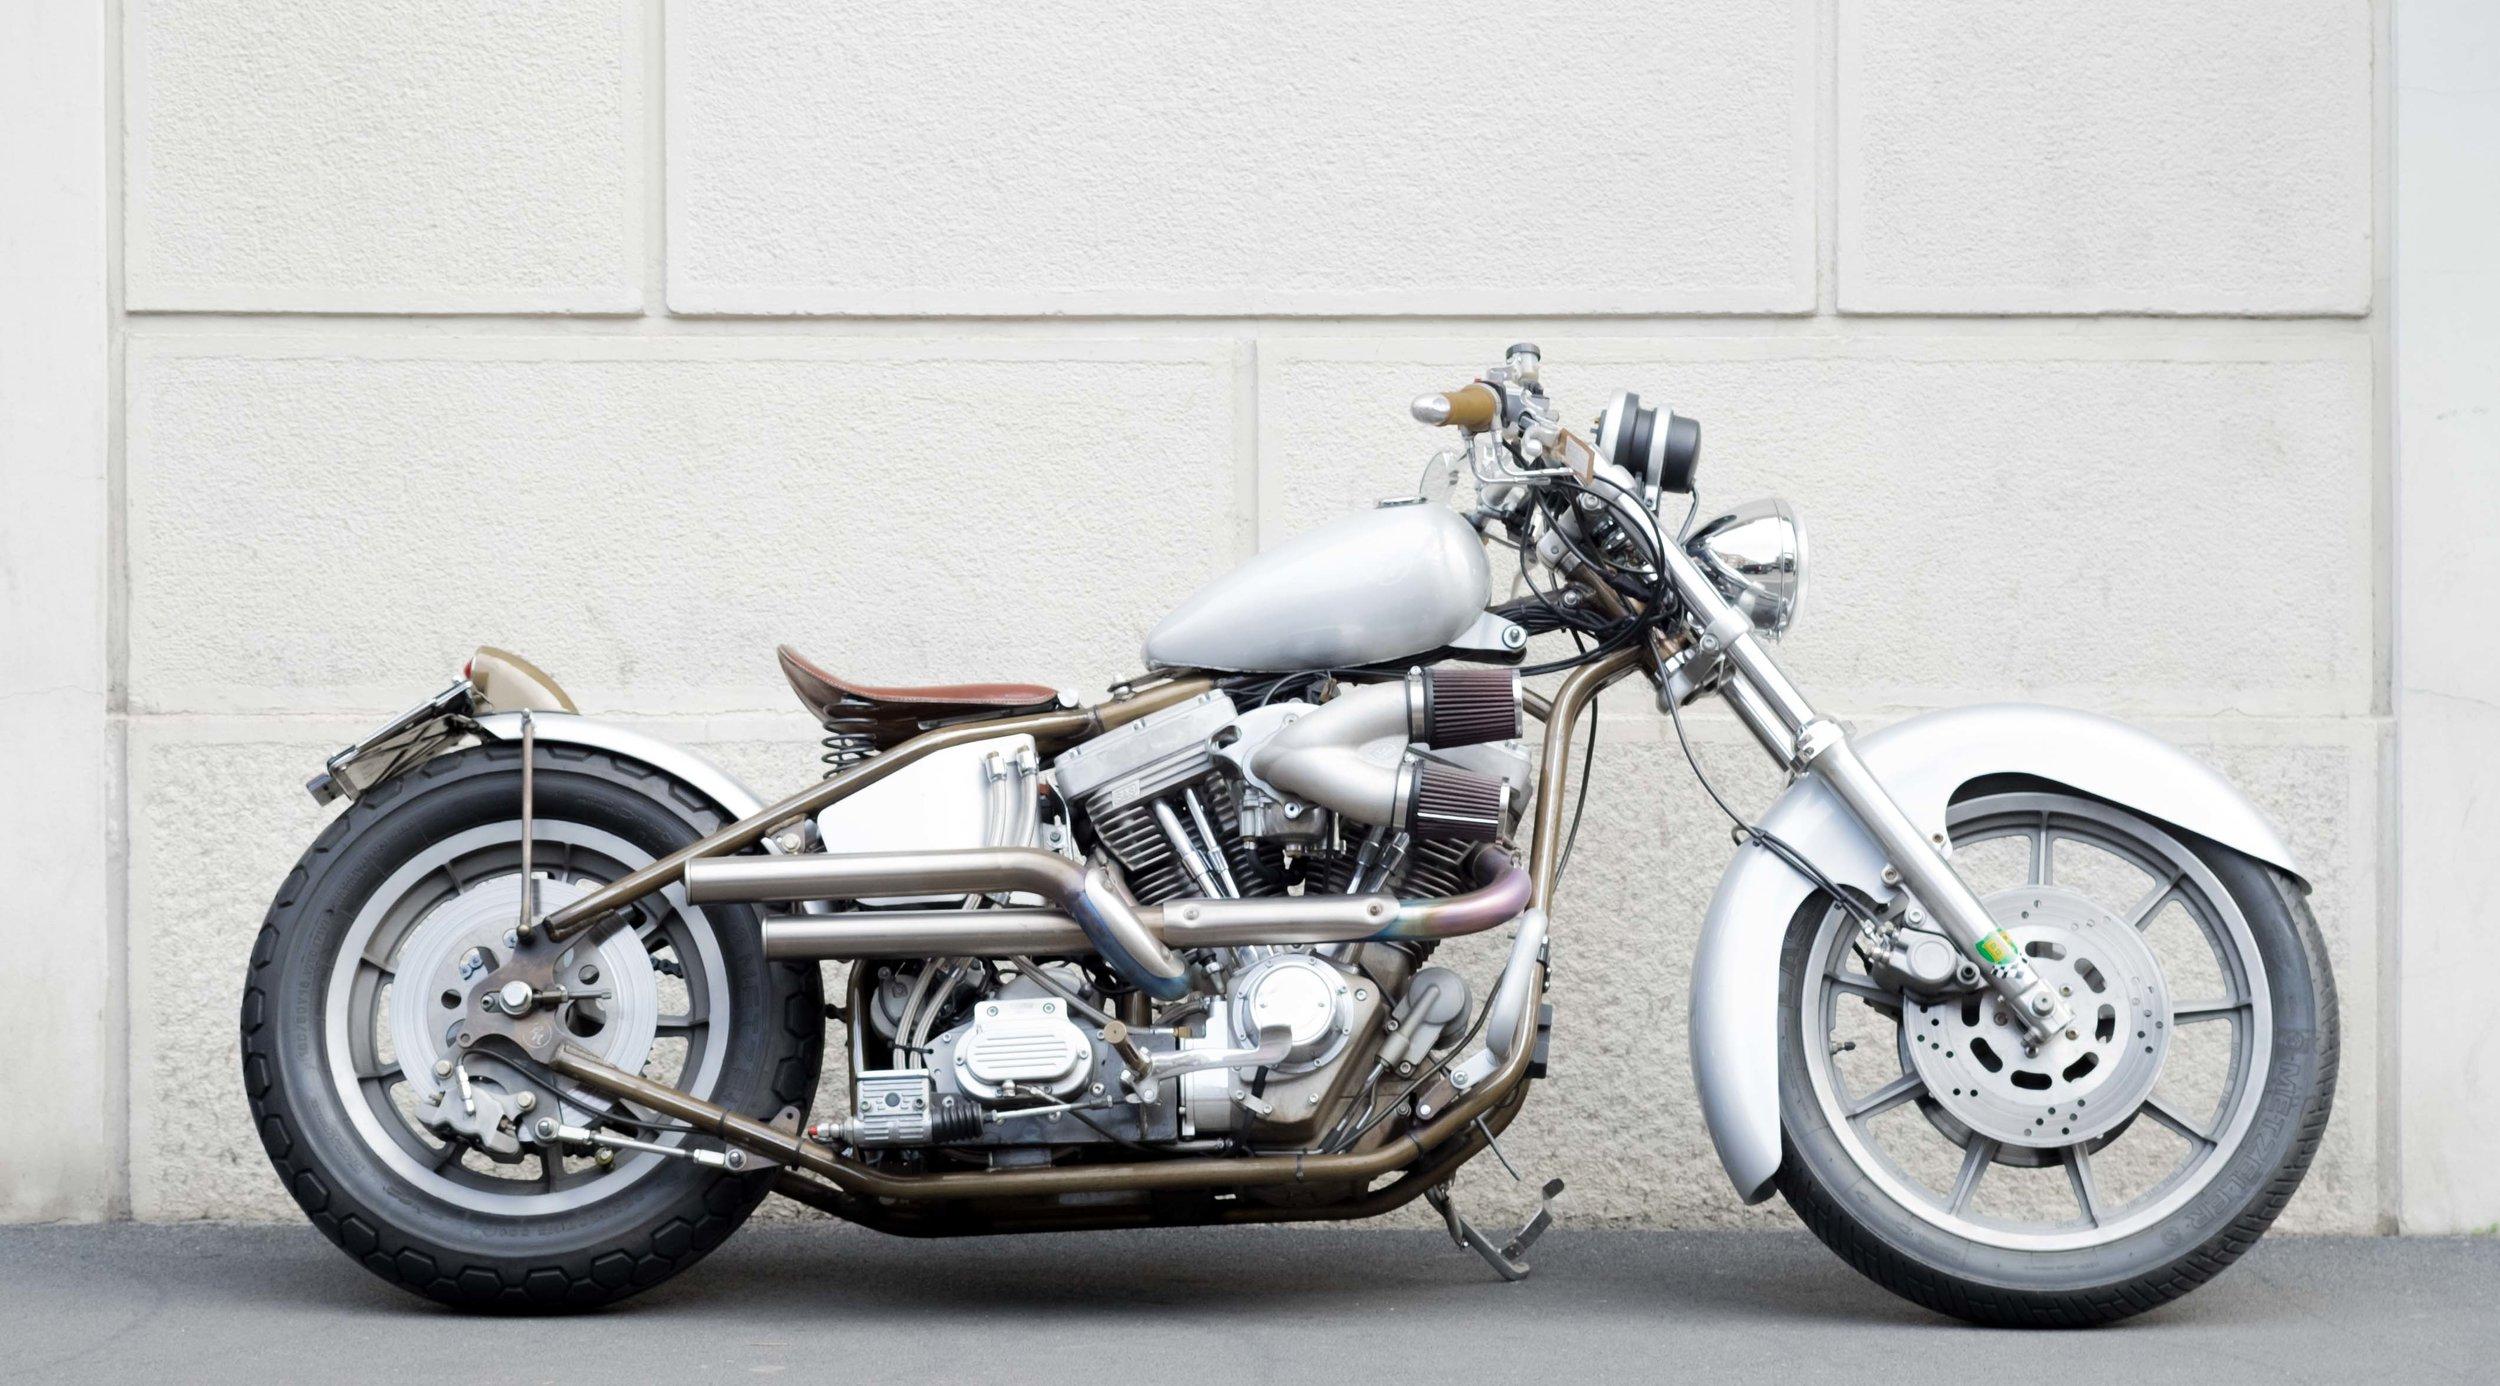 Marca: Samurai Chopper Modello: Bullet Train ( Progetto cupolino come N* 0001 su richiesta ) Cilindrata: 1851 C.C. Prezzo: 29,000 €     000 5